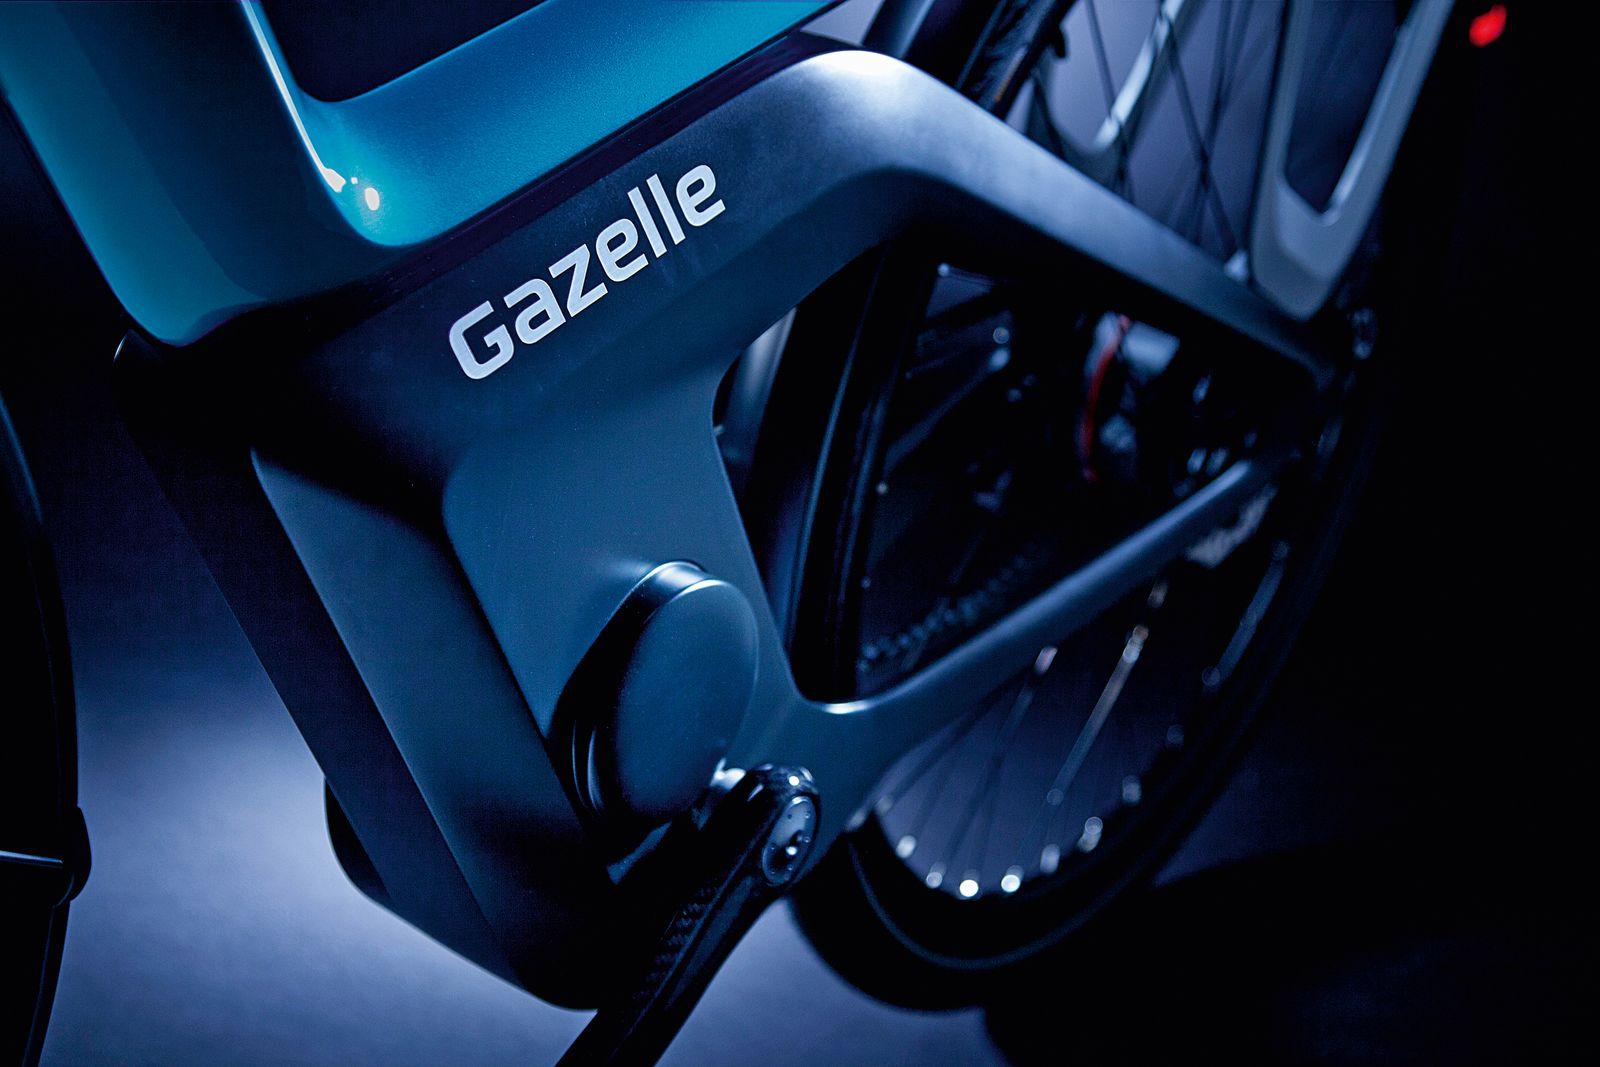 Gazelle / Konzept-E-Bike